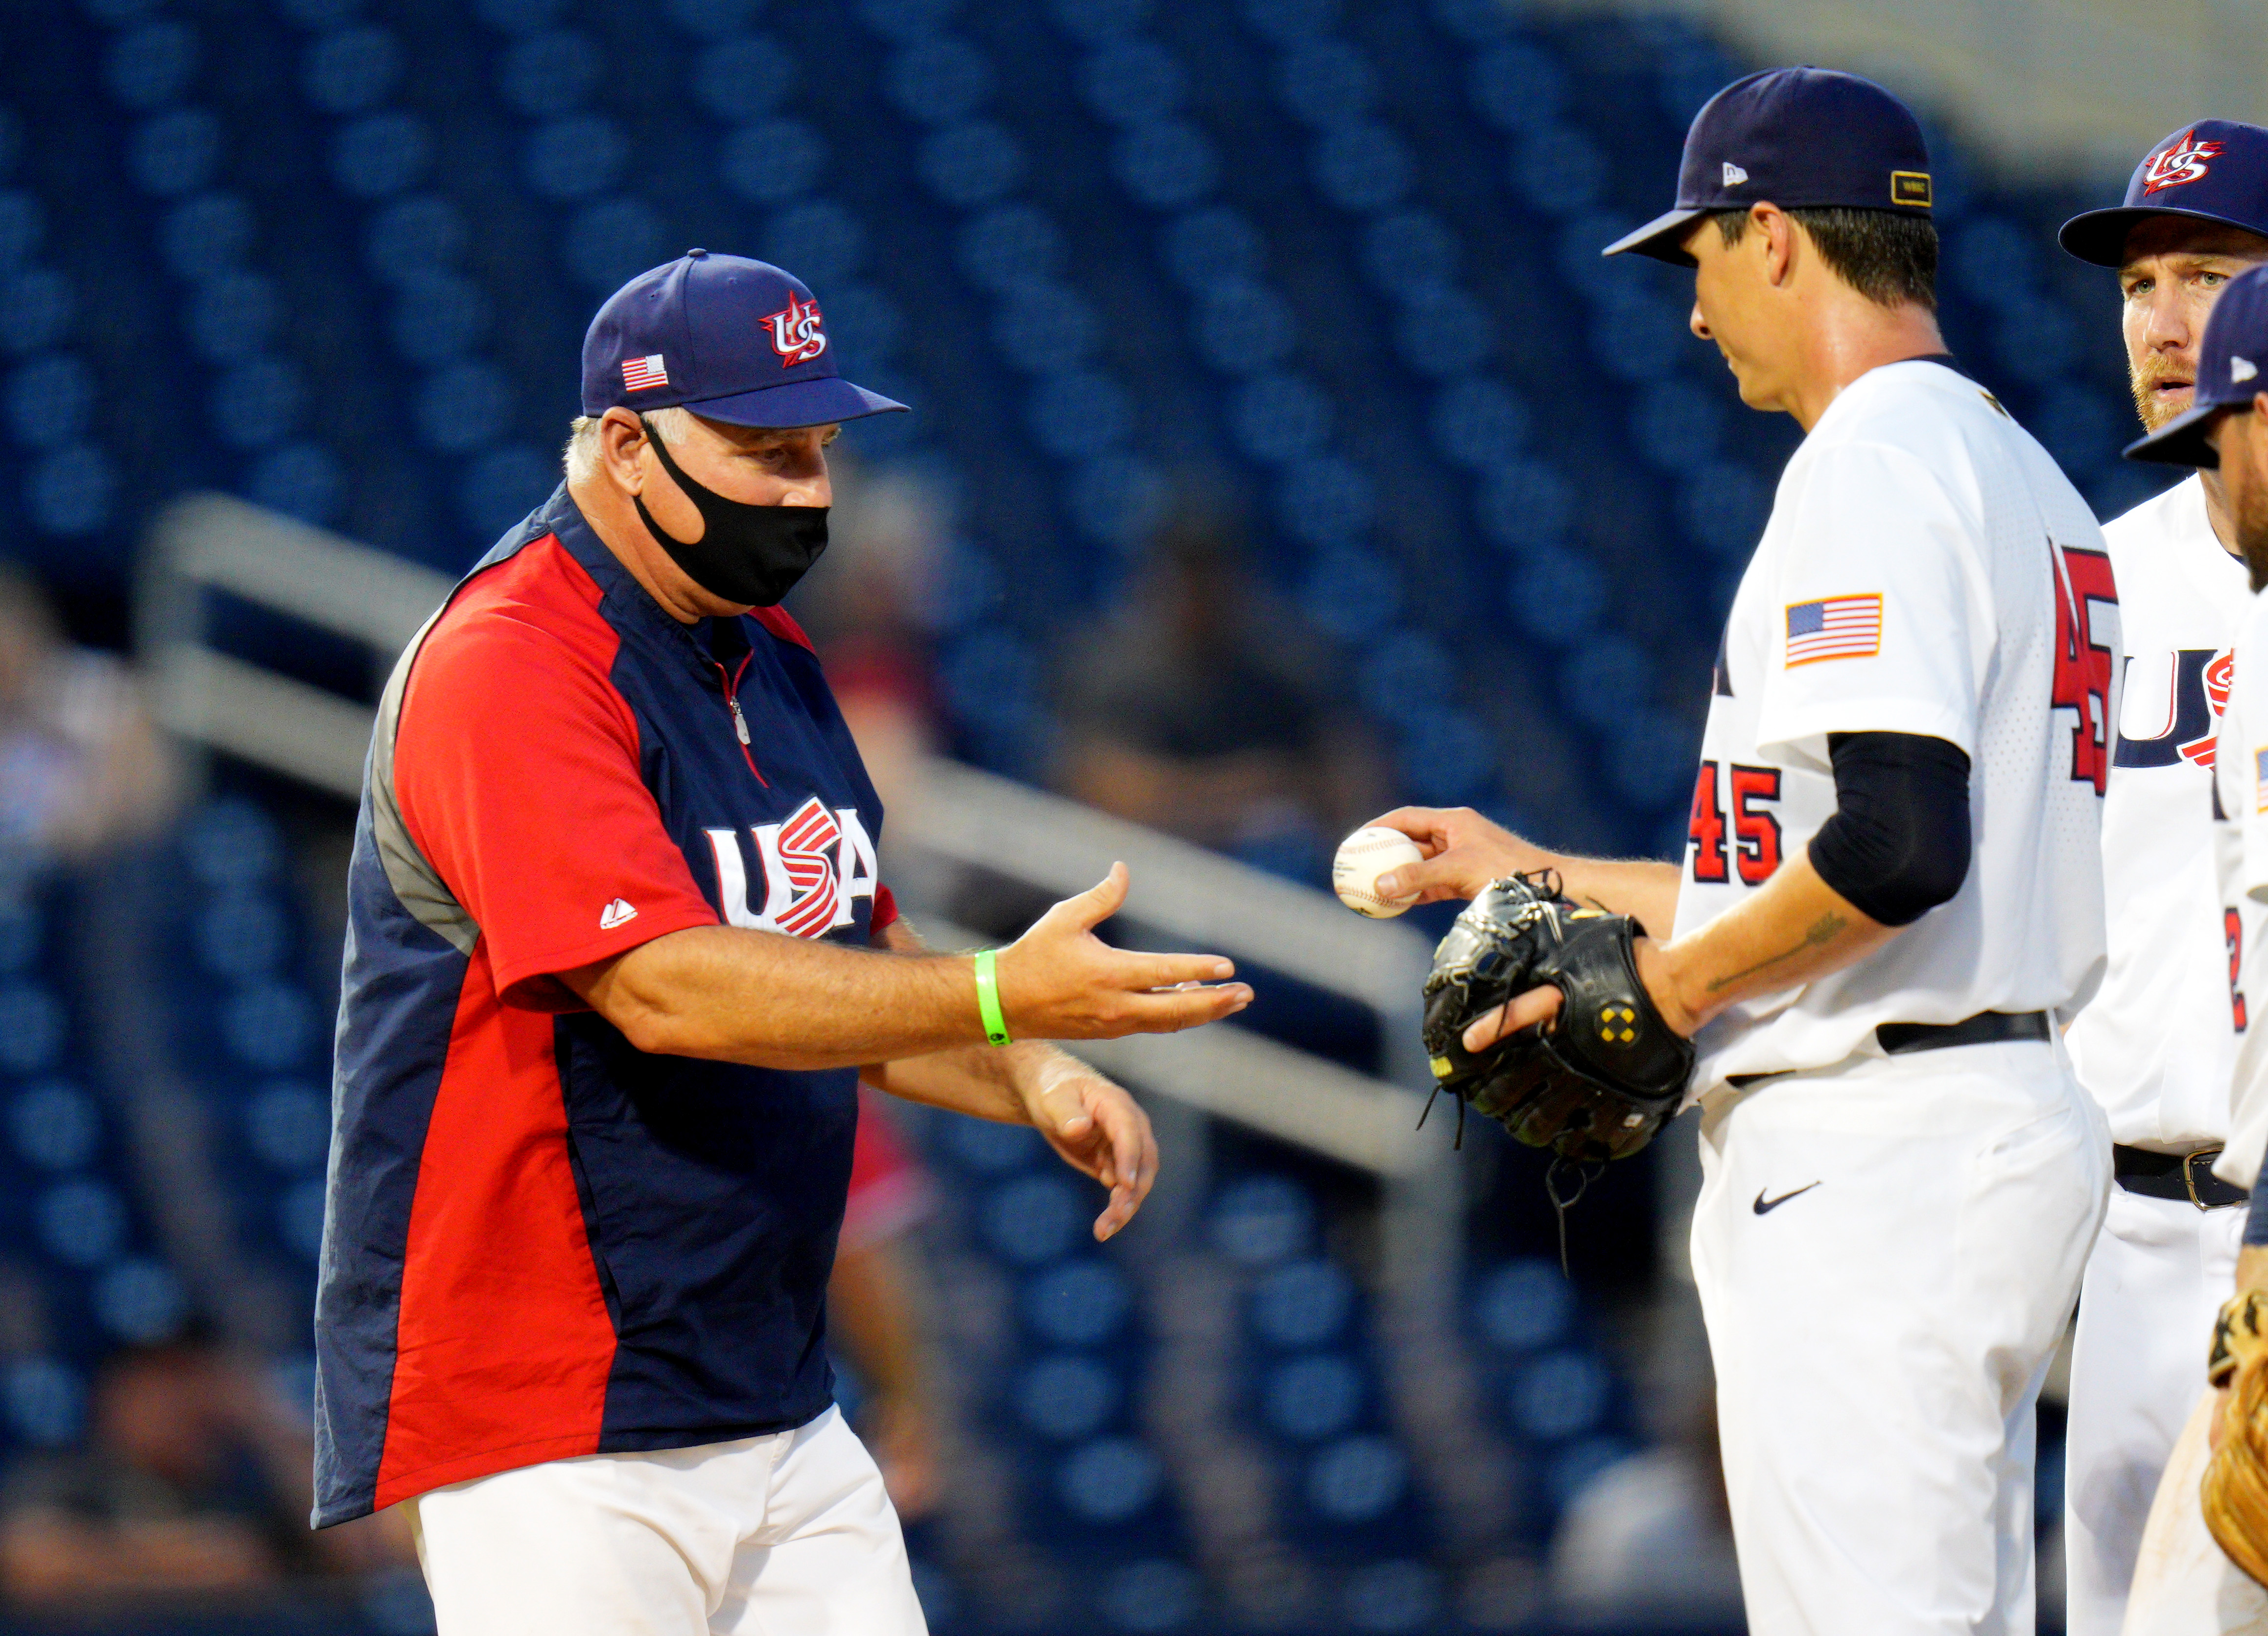 マネージャーのマイク Ciuscia (左) とチーム USA は、アメリカ大陸予選トーナメントのオリンピック出場権を目指しています。